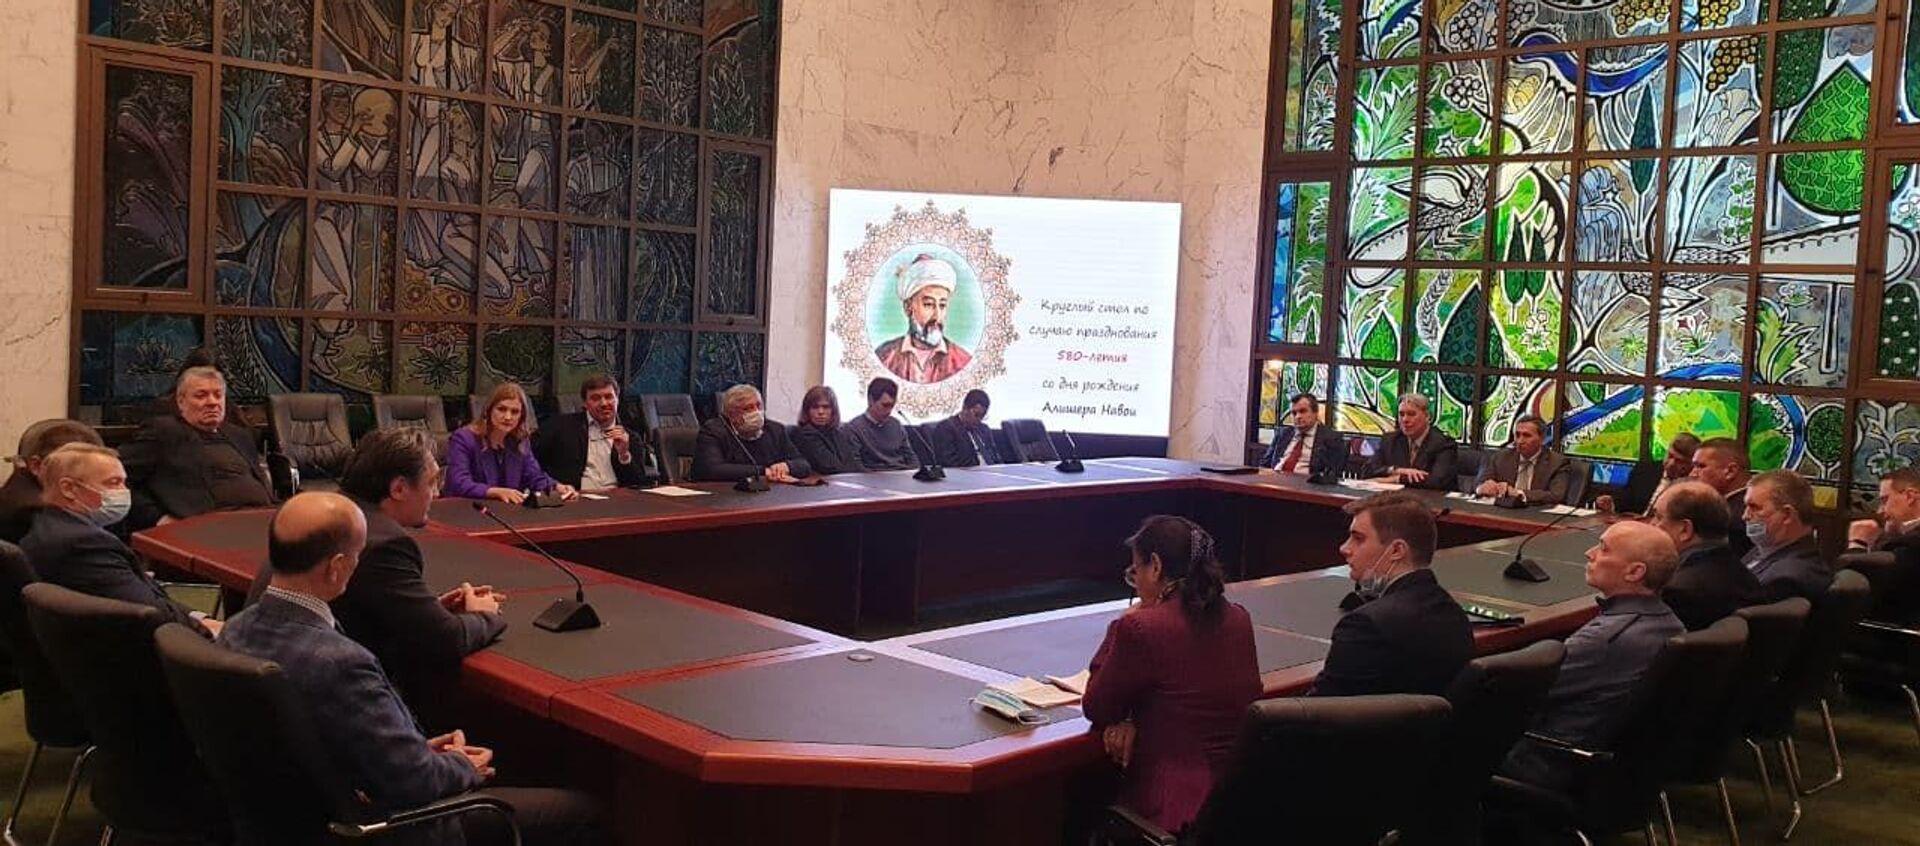 Круглый стол в Посольстве Узбекистана к юбилею Алишера Навои - Sputnik Узбекистан, 1920, 05.02.2021